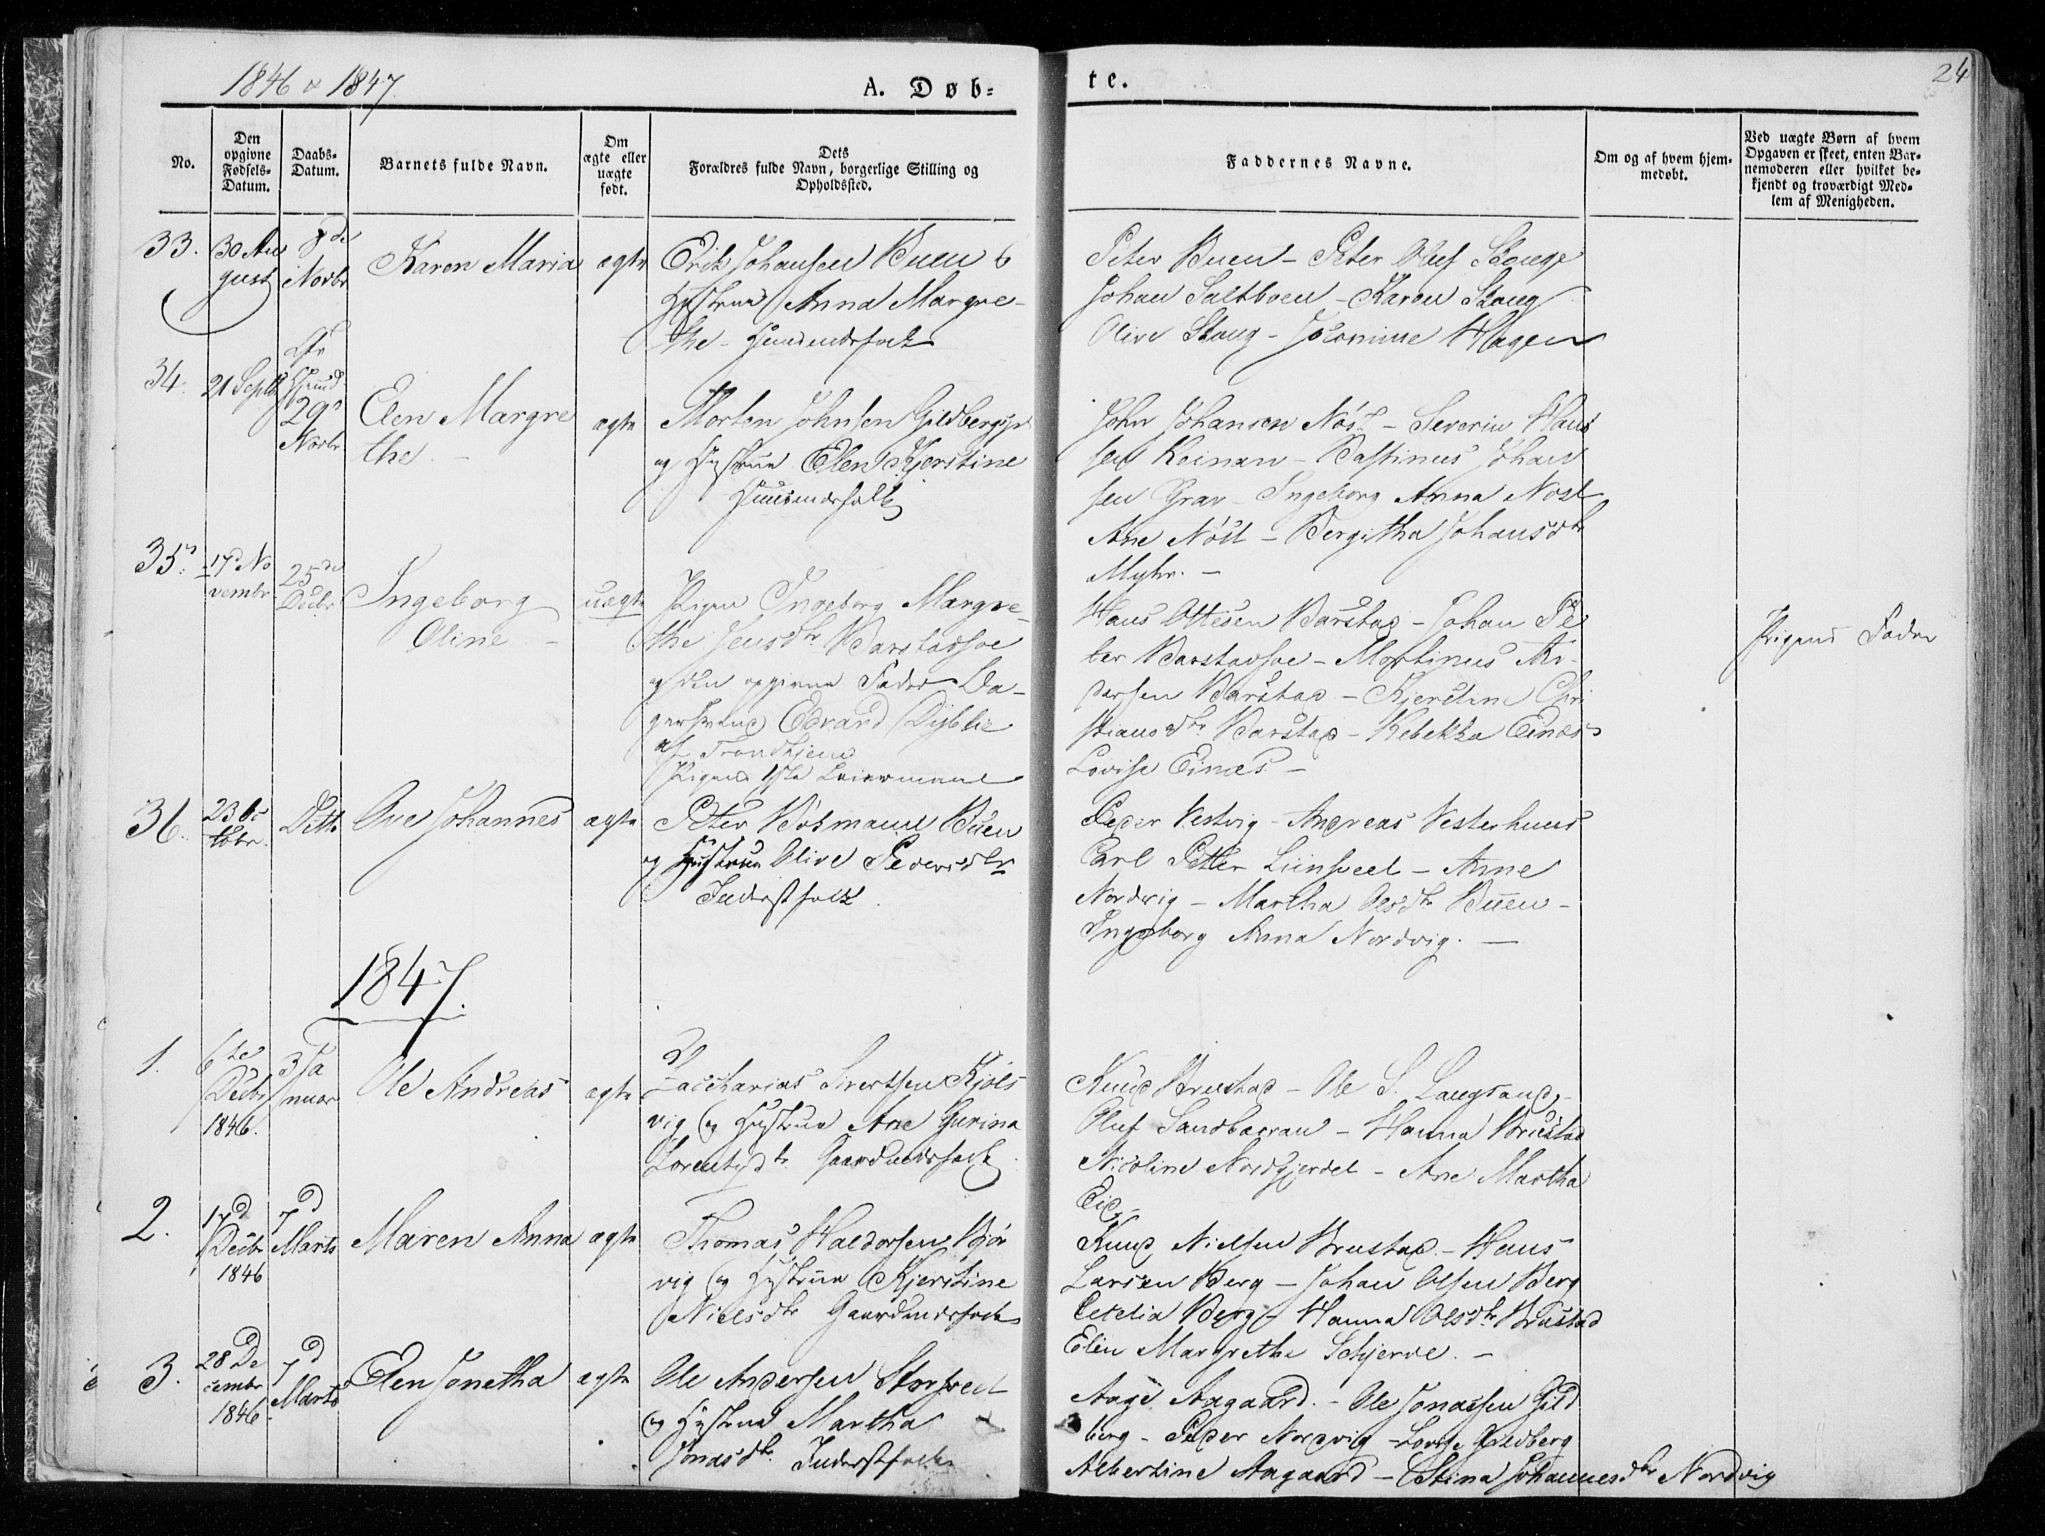 SAT, Ministerialprotokoller, klokkerbøker og fødselsregistre - Nord-Trøndelag, 722/L0218: Ministerialbok nr. 722A05, 1843-1868, s. 24